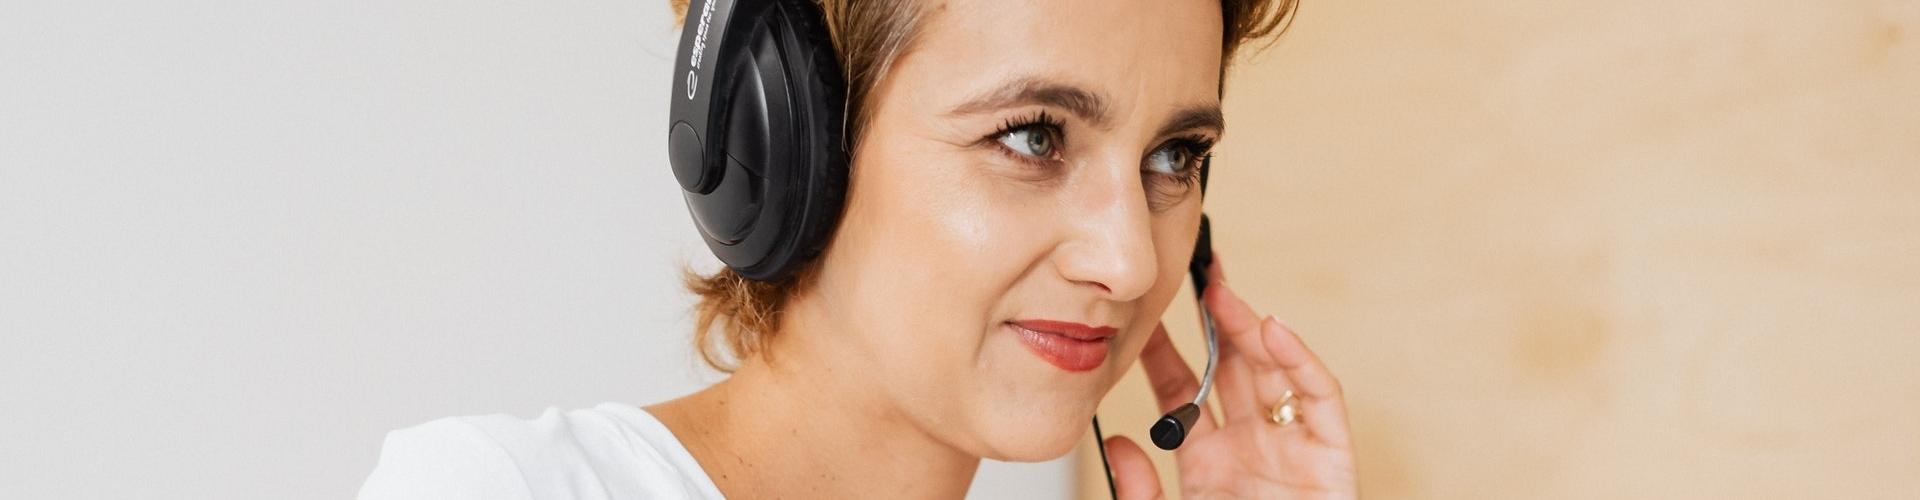 Technisch Helpdesk Medewerker vacature DIT is beveiligen